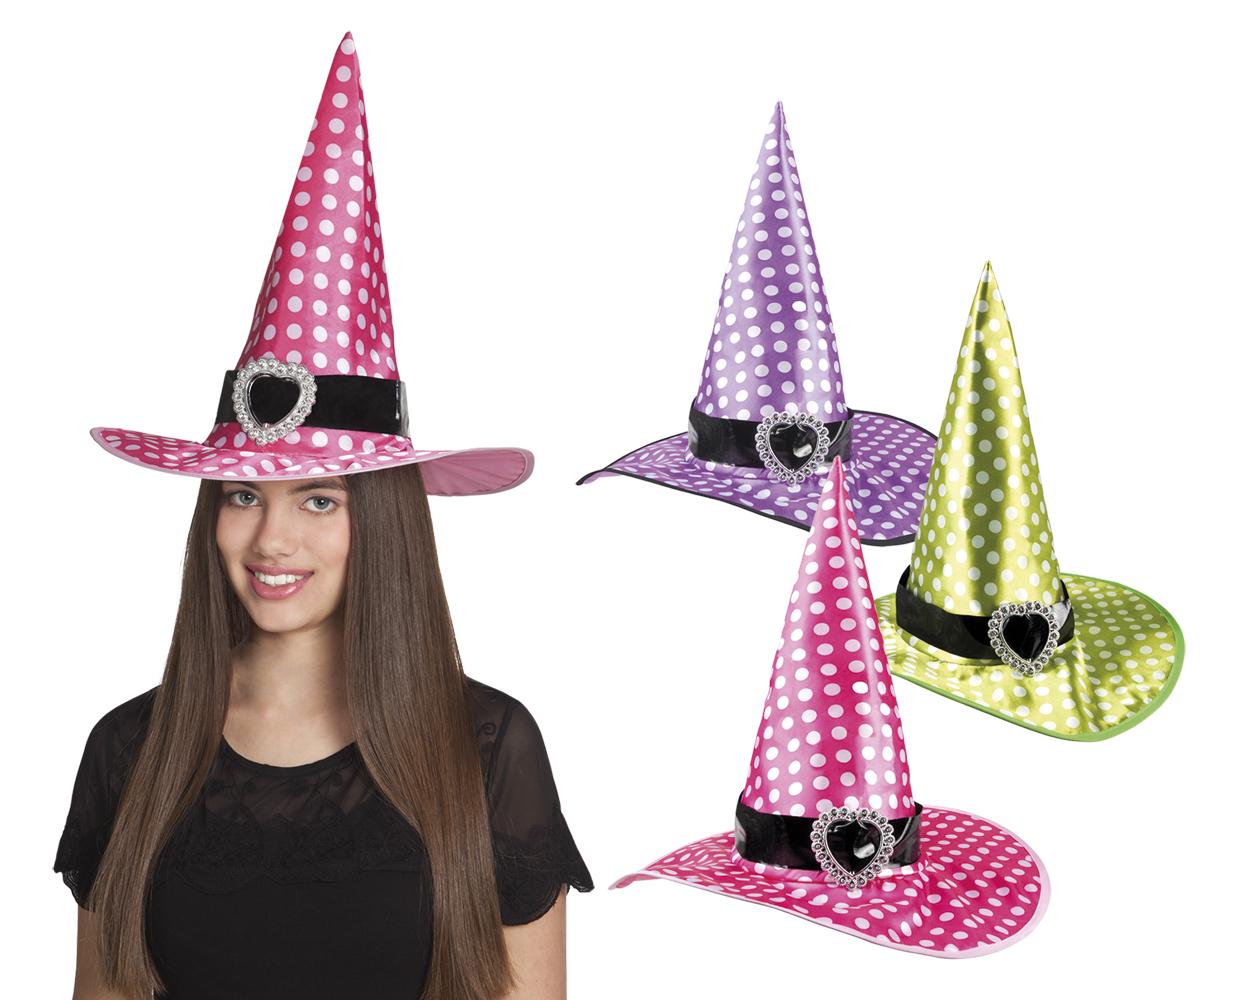 Heksenhoed witch Speckles voor kind per stuk diverse kleuren